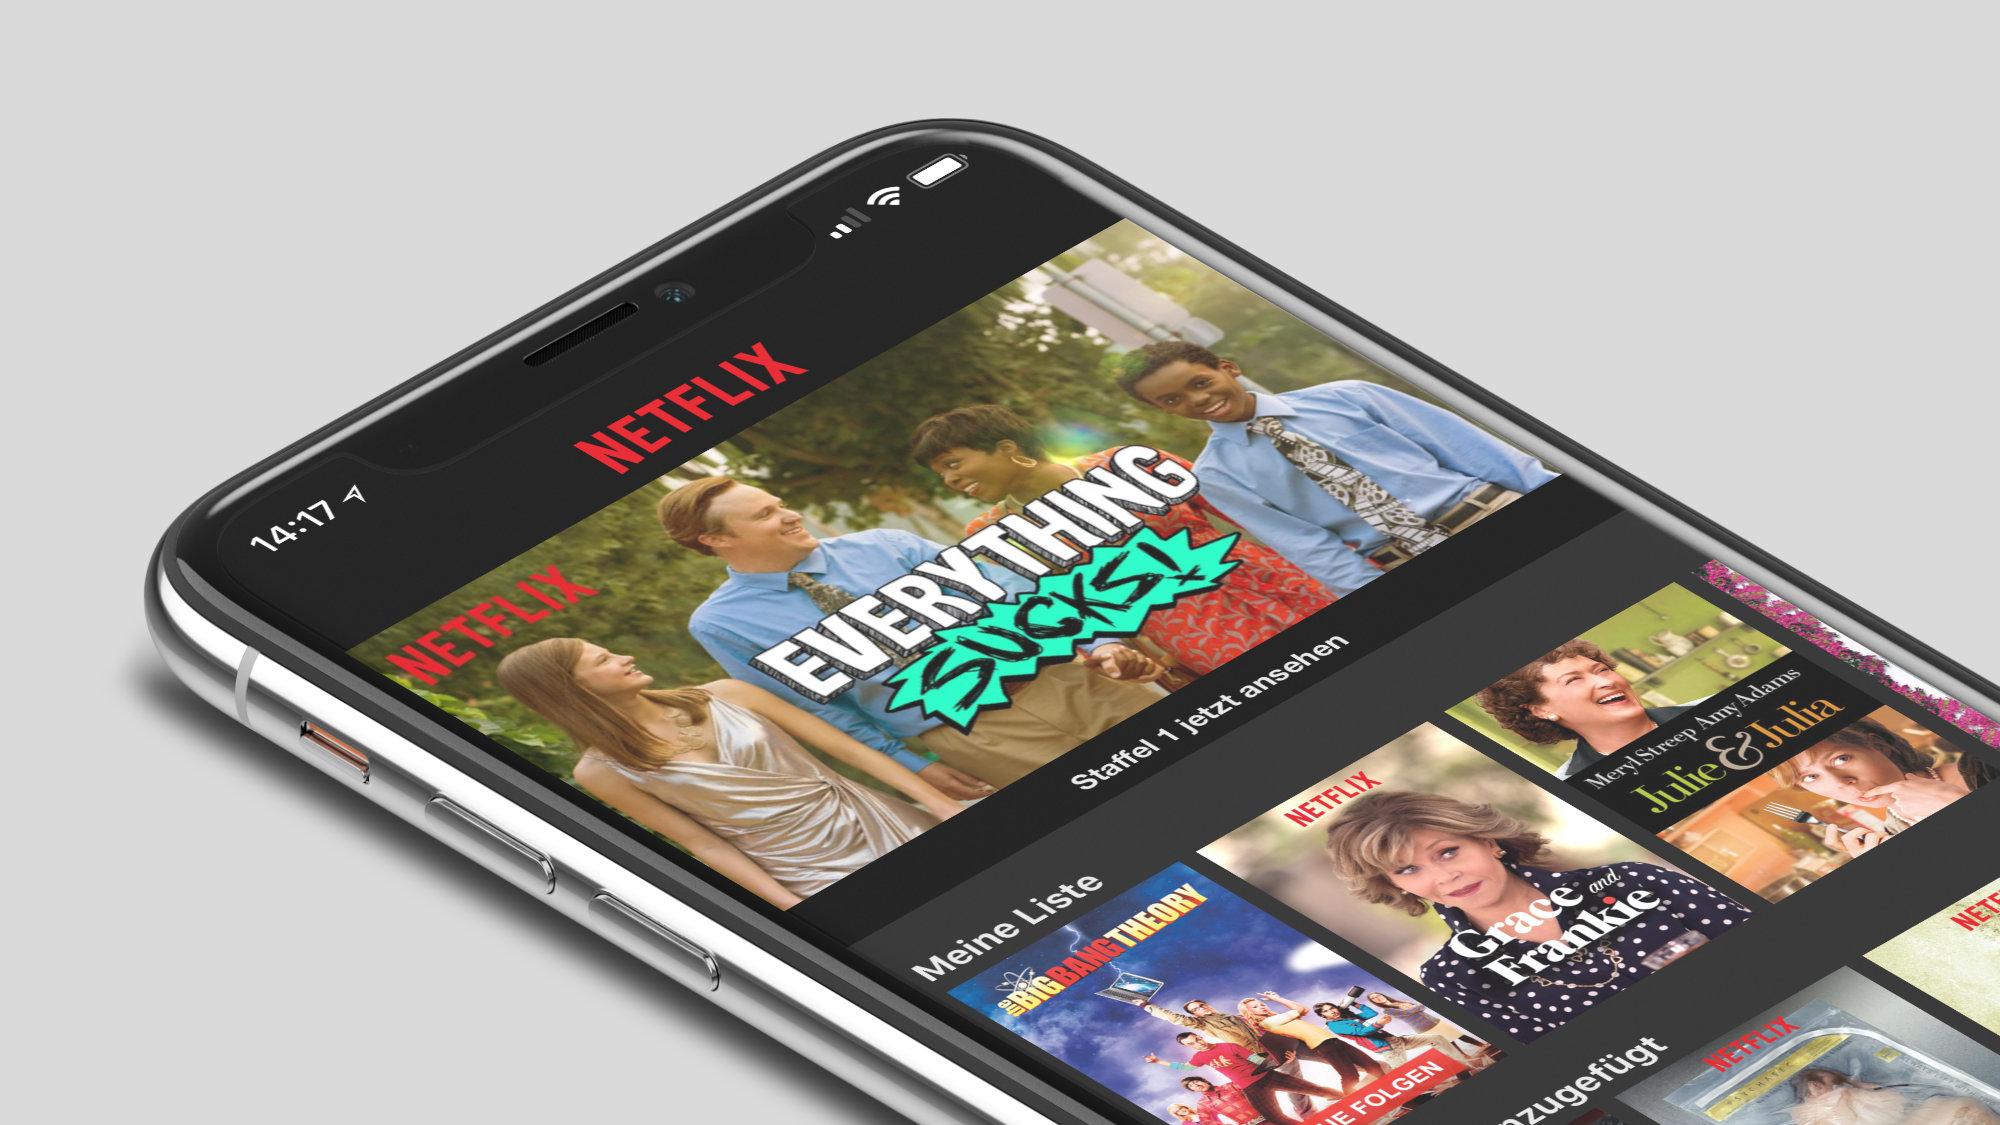 Wenn-Apple-Netflix-kaufen-würde-Artikelbild Wenn Apple Netflix kaufen würde